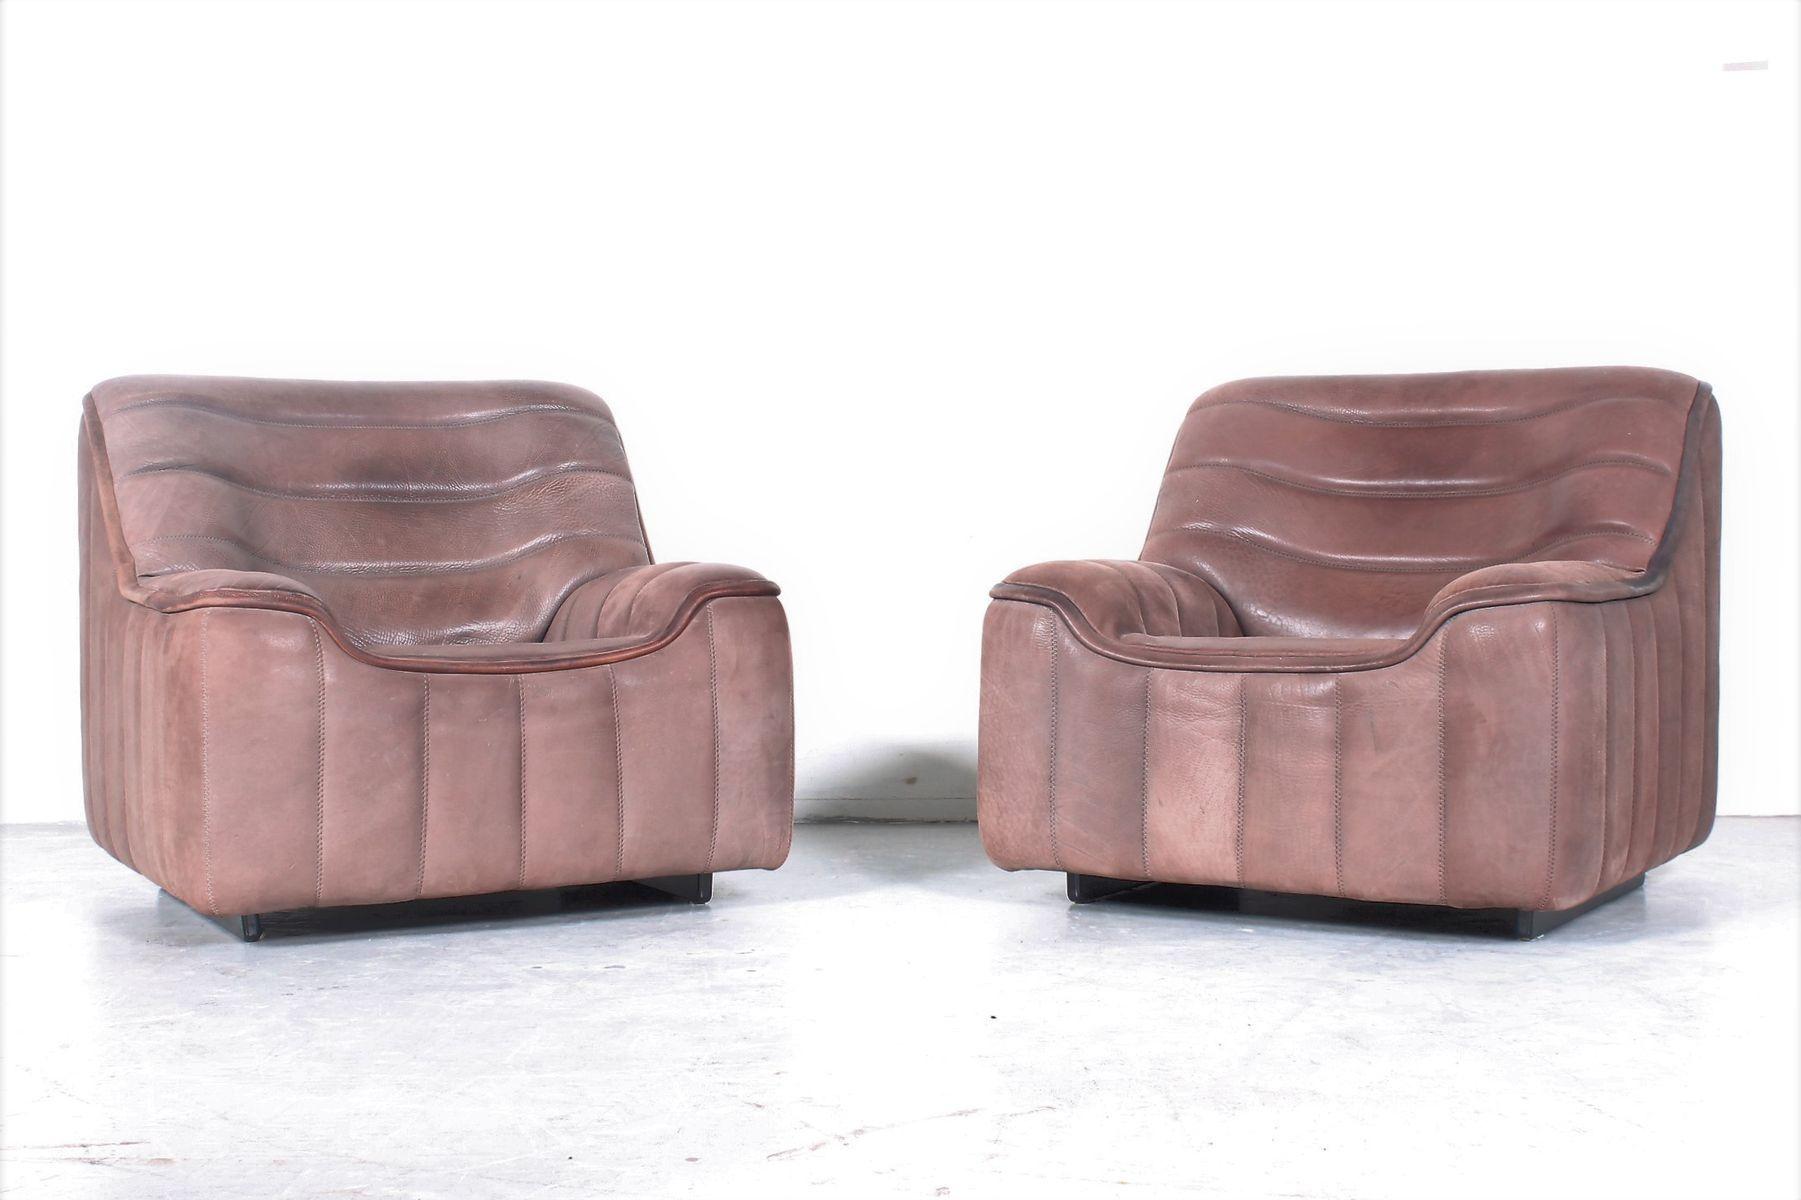 Einzelsessel Mit Hocker Onlineshop Sessel Ohrensessel Moderne Form Ledersessel Rot Ohrensessel Leder Clubsessel Sessel Ohrensessel Modern